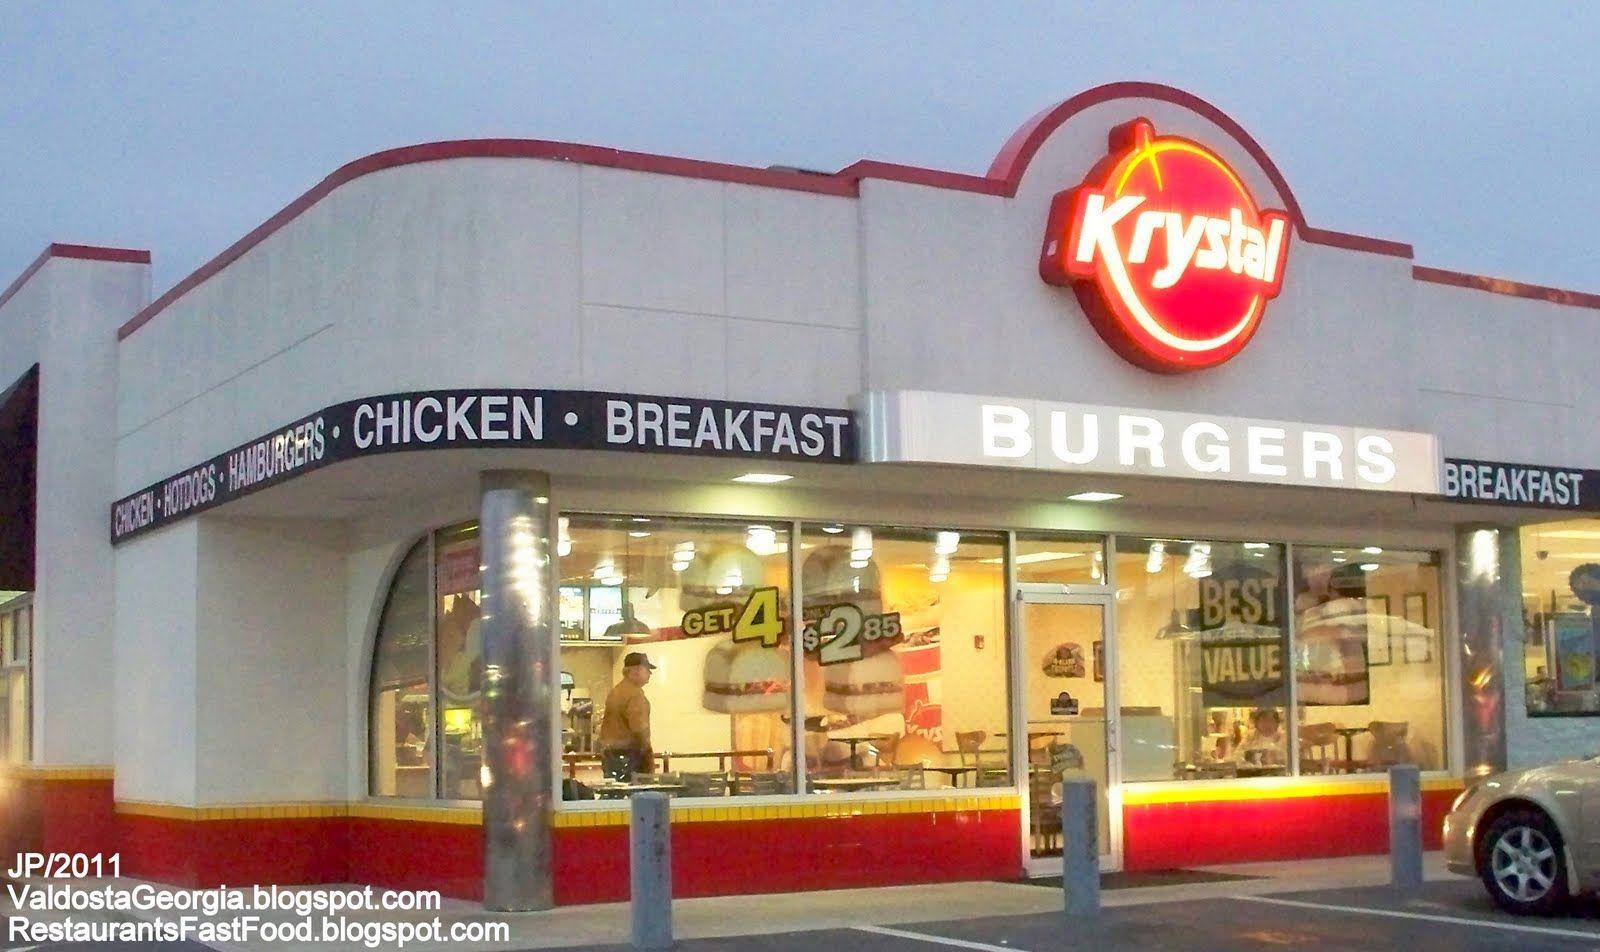 Restaurant Fast Food Menu Mcdonald S Dq Bk Hamburger Pizza Mexican Taco Bbq Chicken Seafood Chinese Krystal Burger Krystal Burger Krystal Restaurant Fast Food